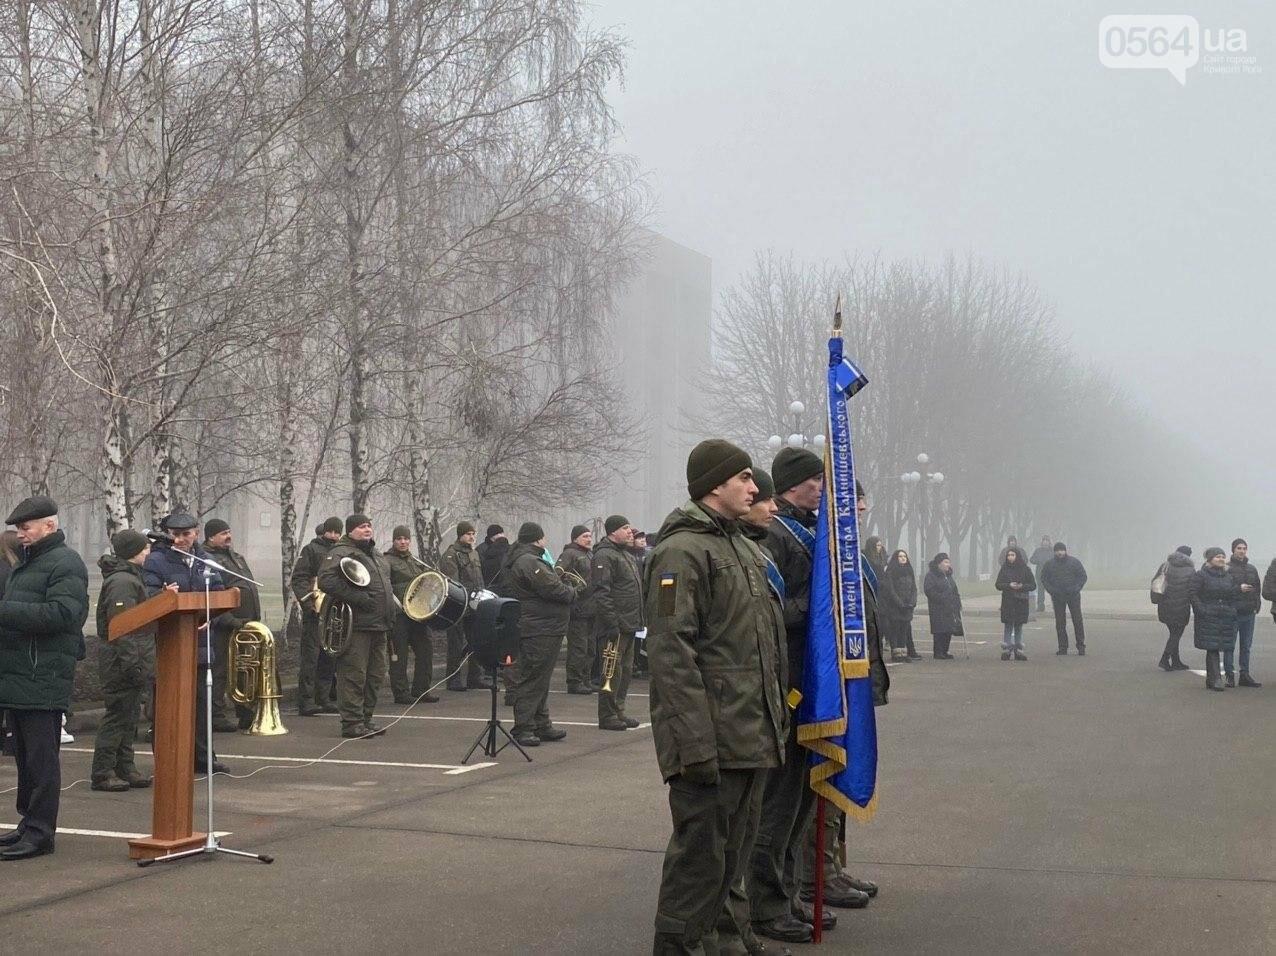 В Кривом Роге на верность украинскому народу присягнули 43 нацгвардейца, - ФОТО, ВИДЕО , фото-41